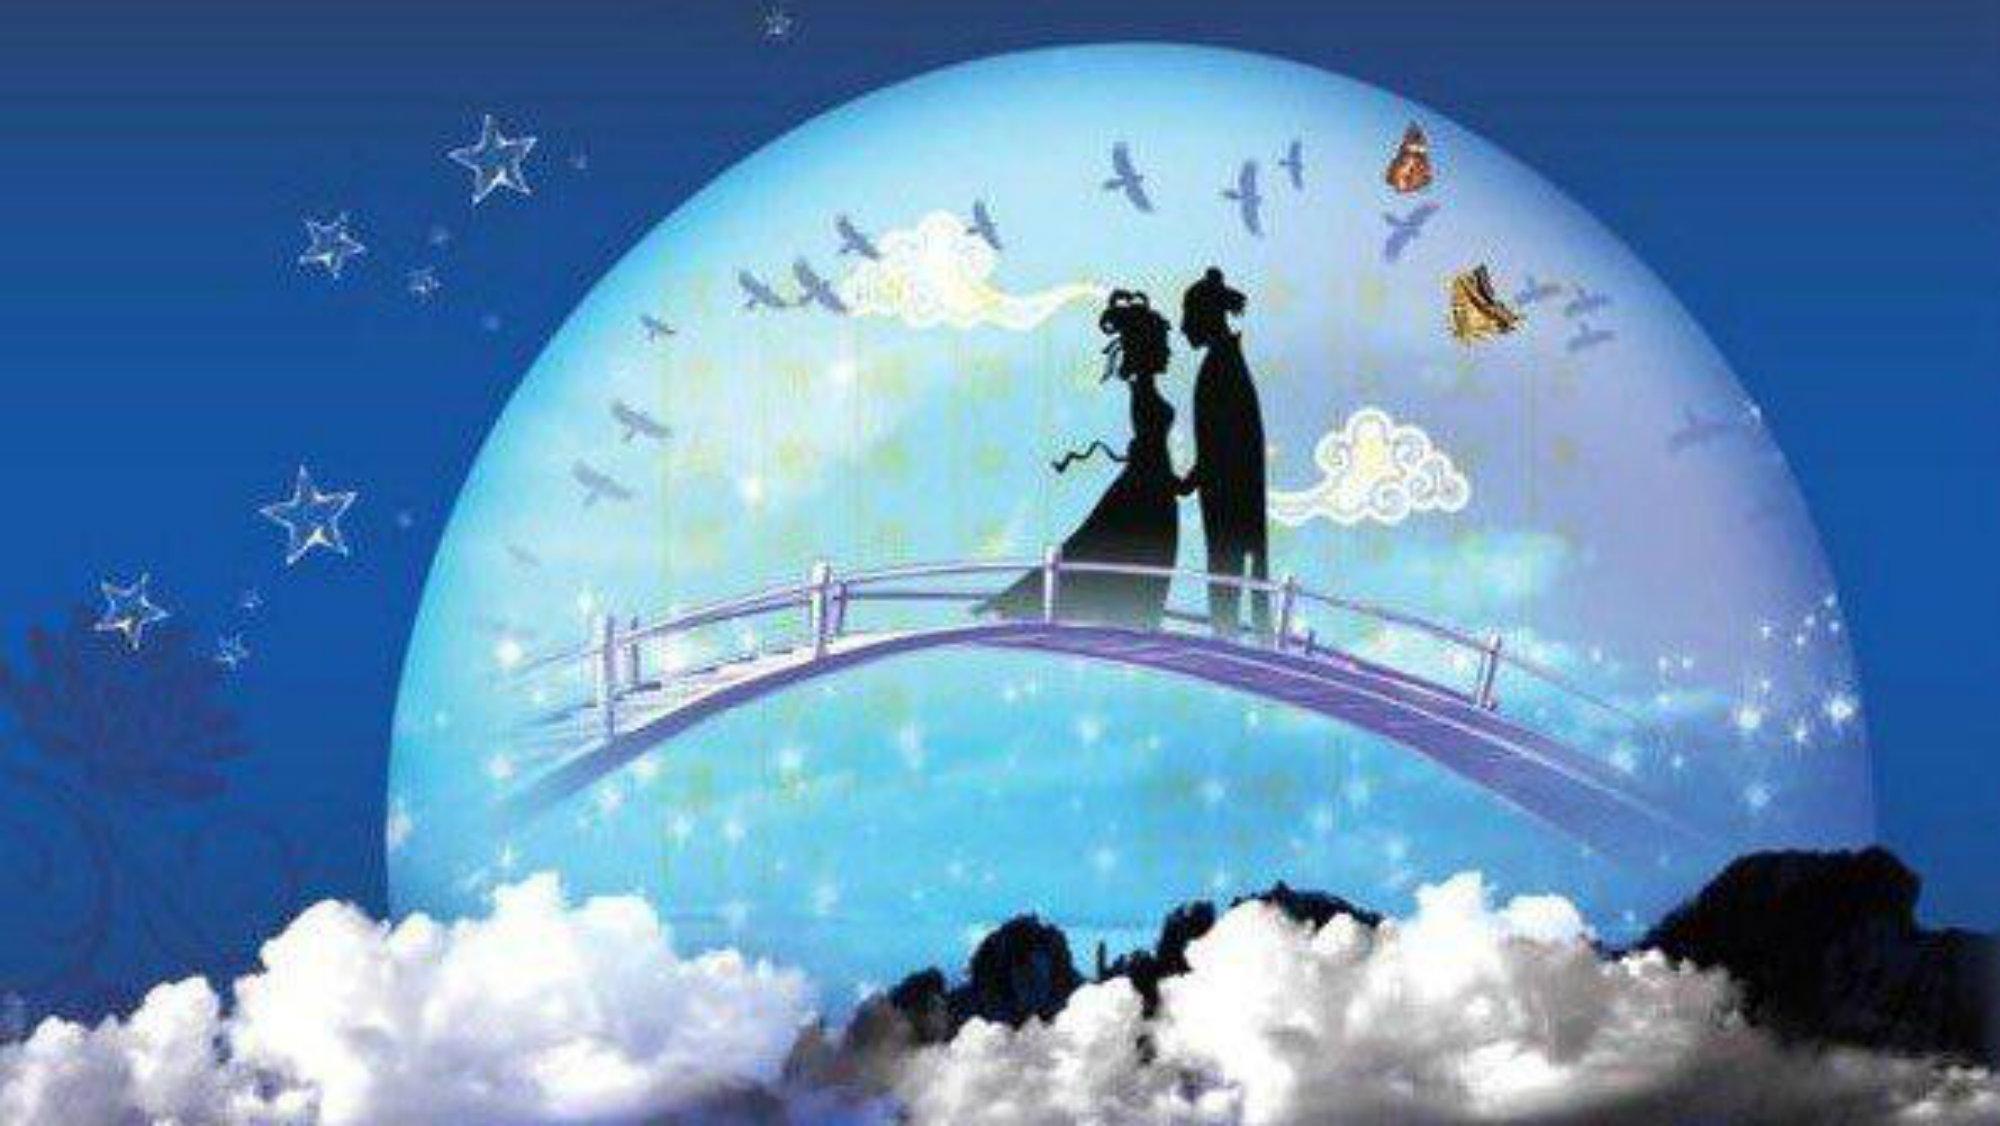 Qi Xi San valentín chino día del amor y la amistad